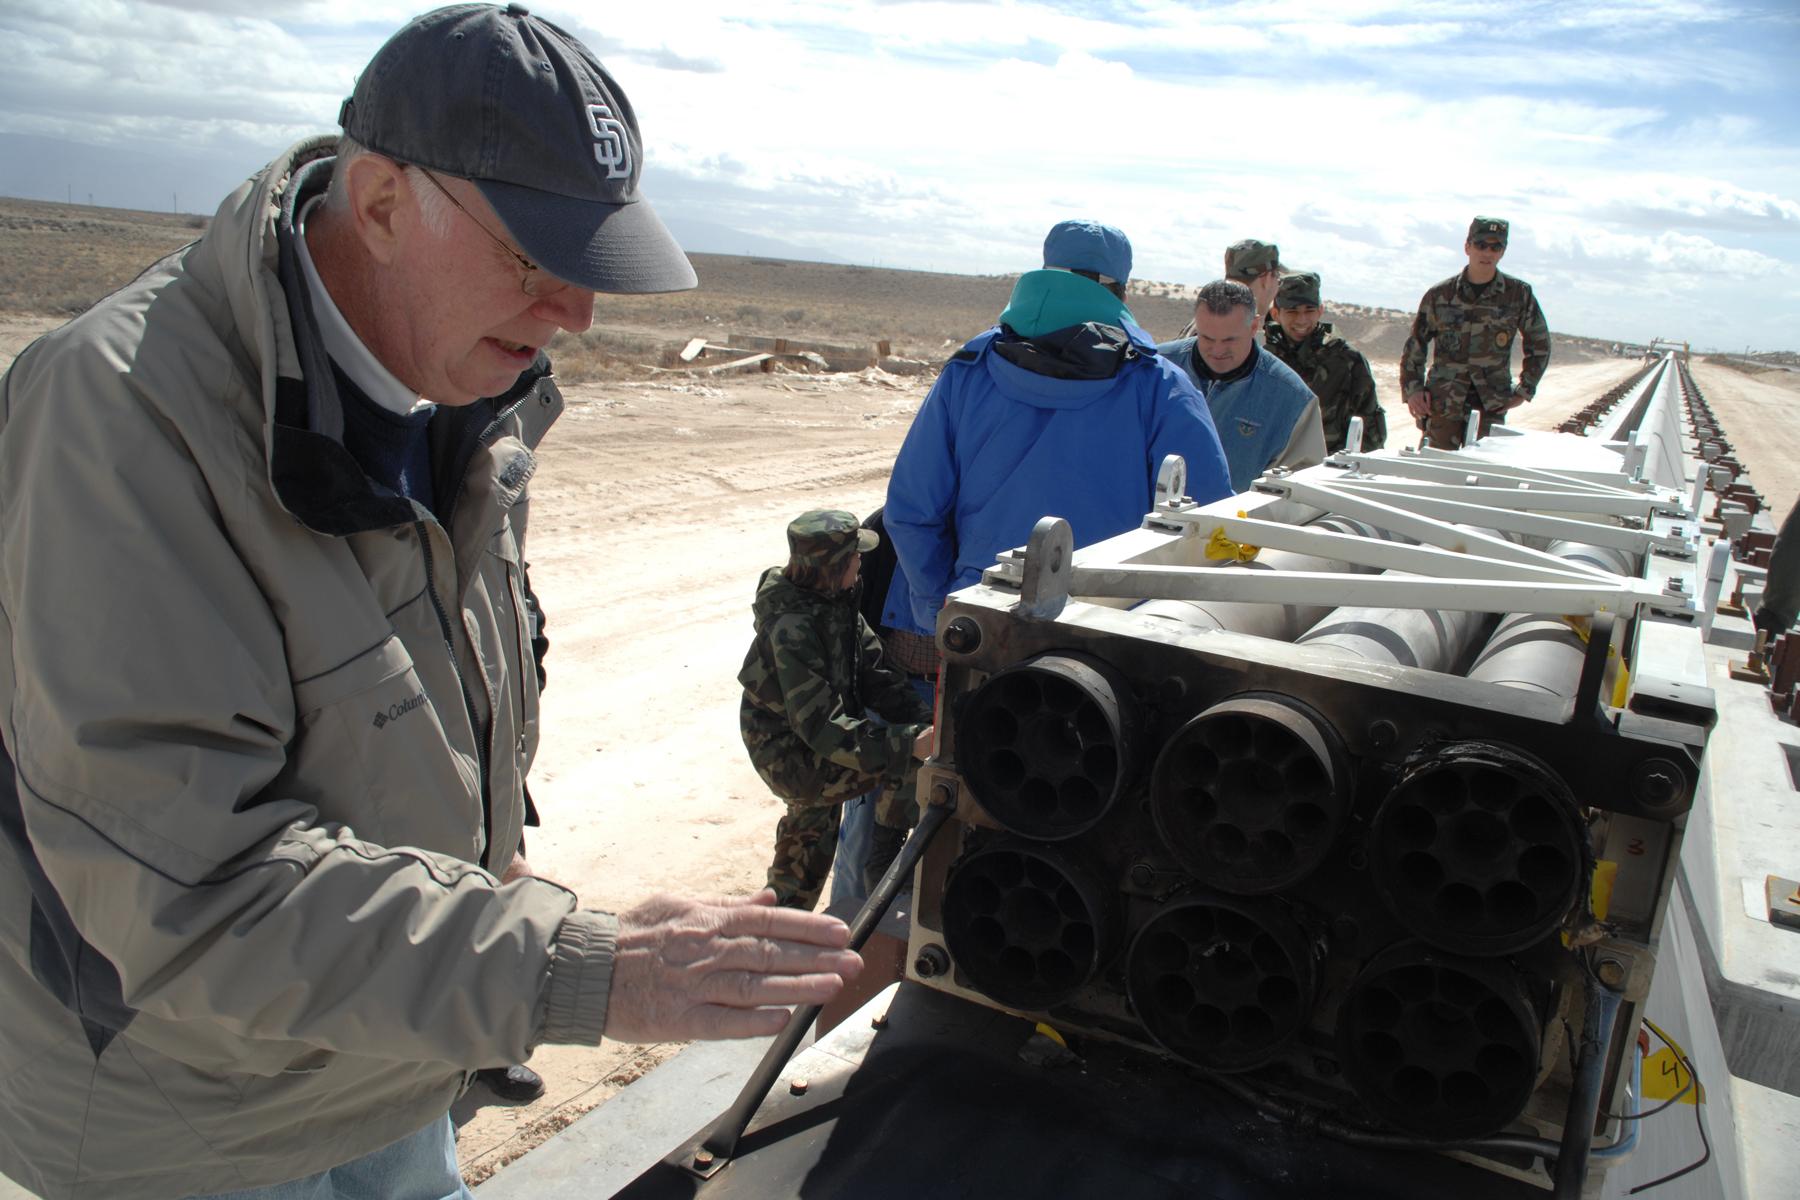 MagLev World Record: реактивный поезд на магнитной подушке побил мировой рекорд скорости